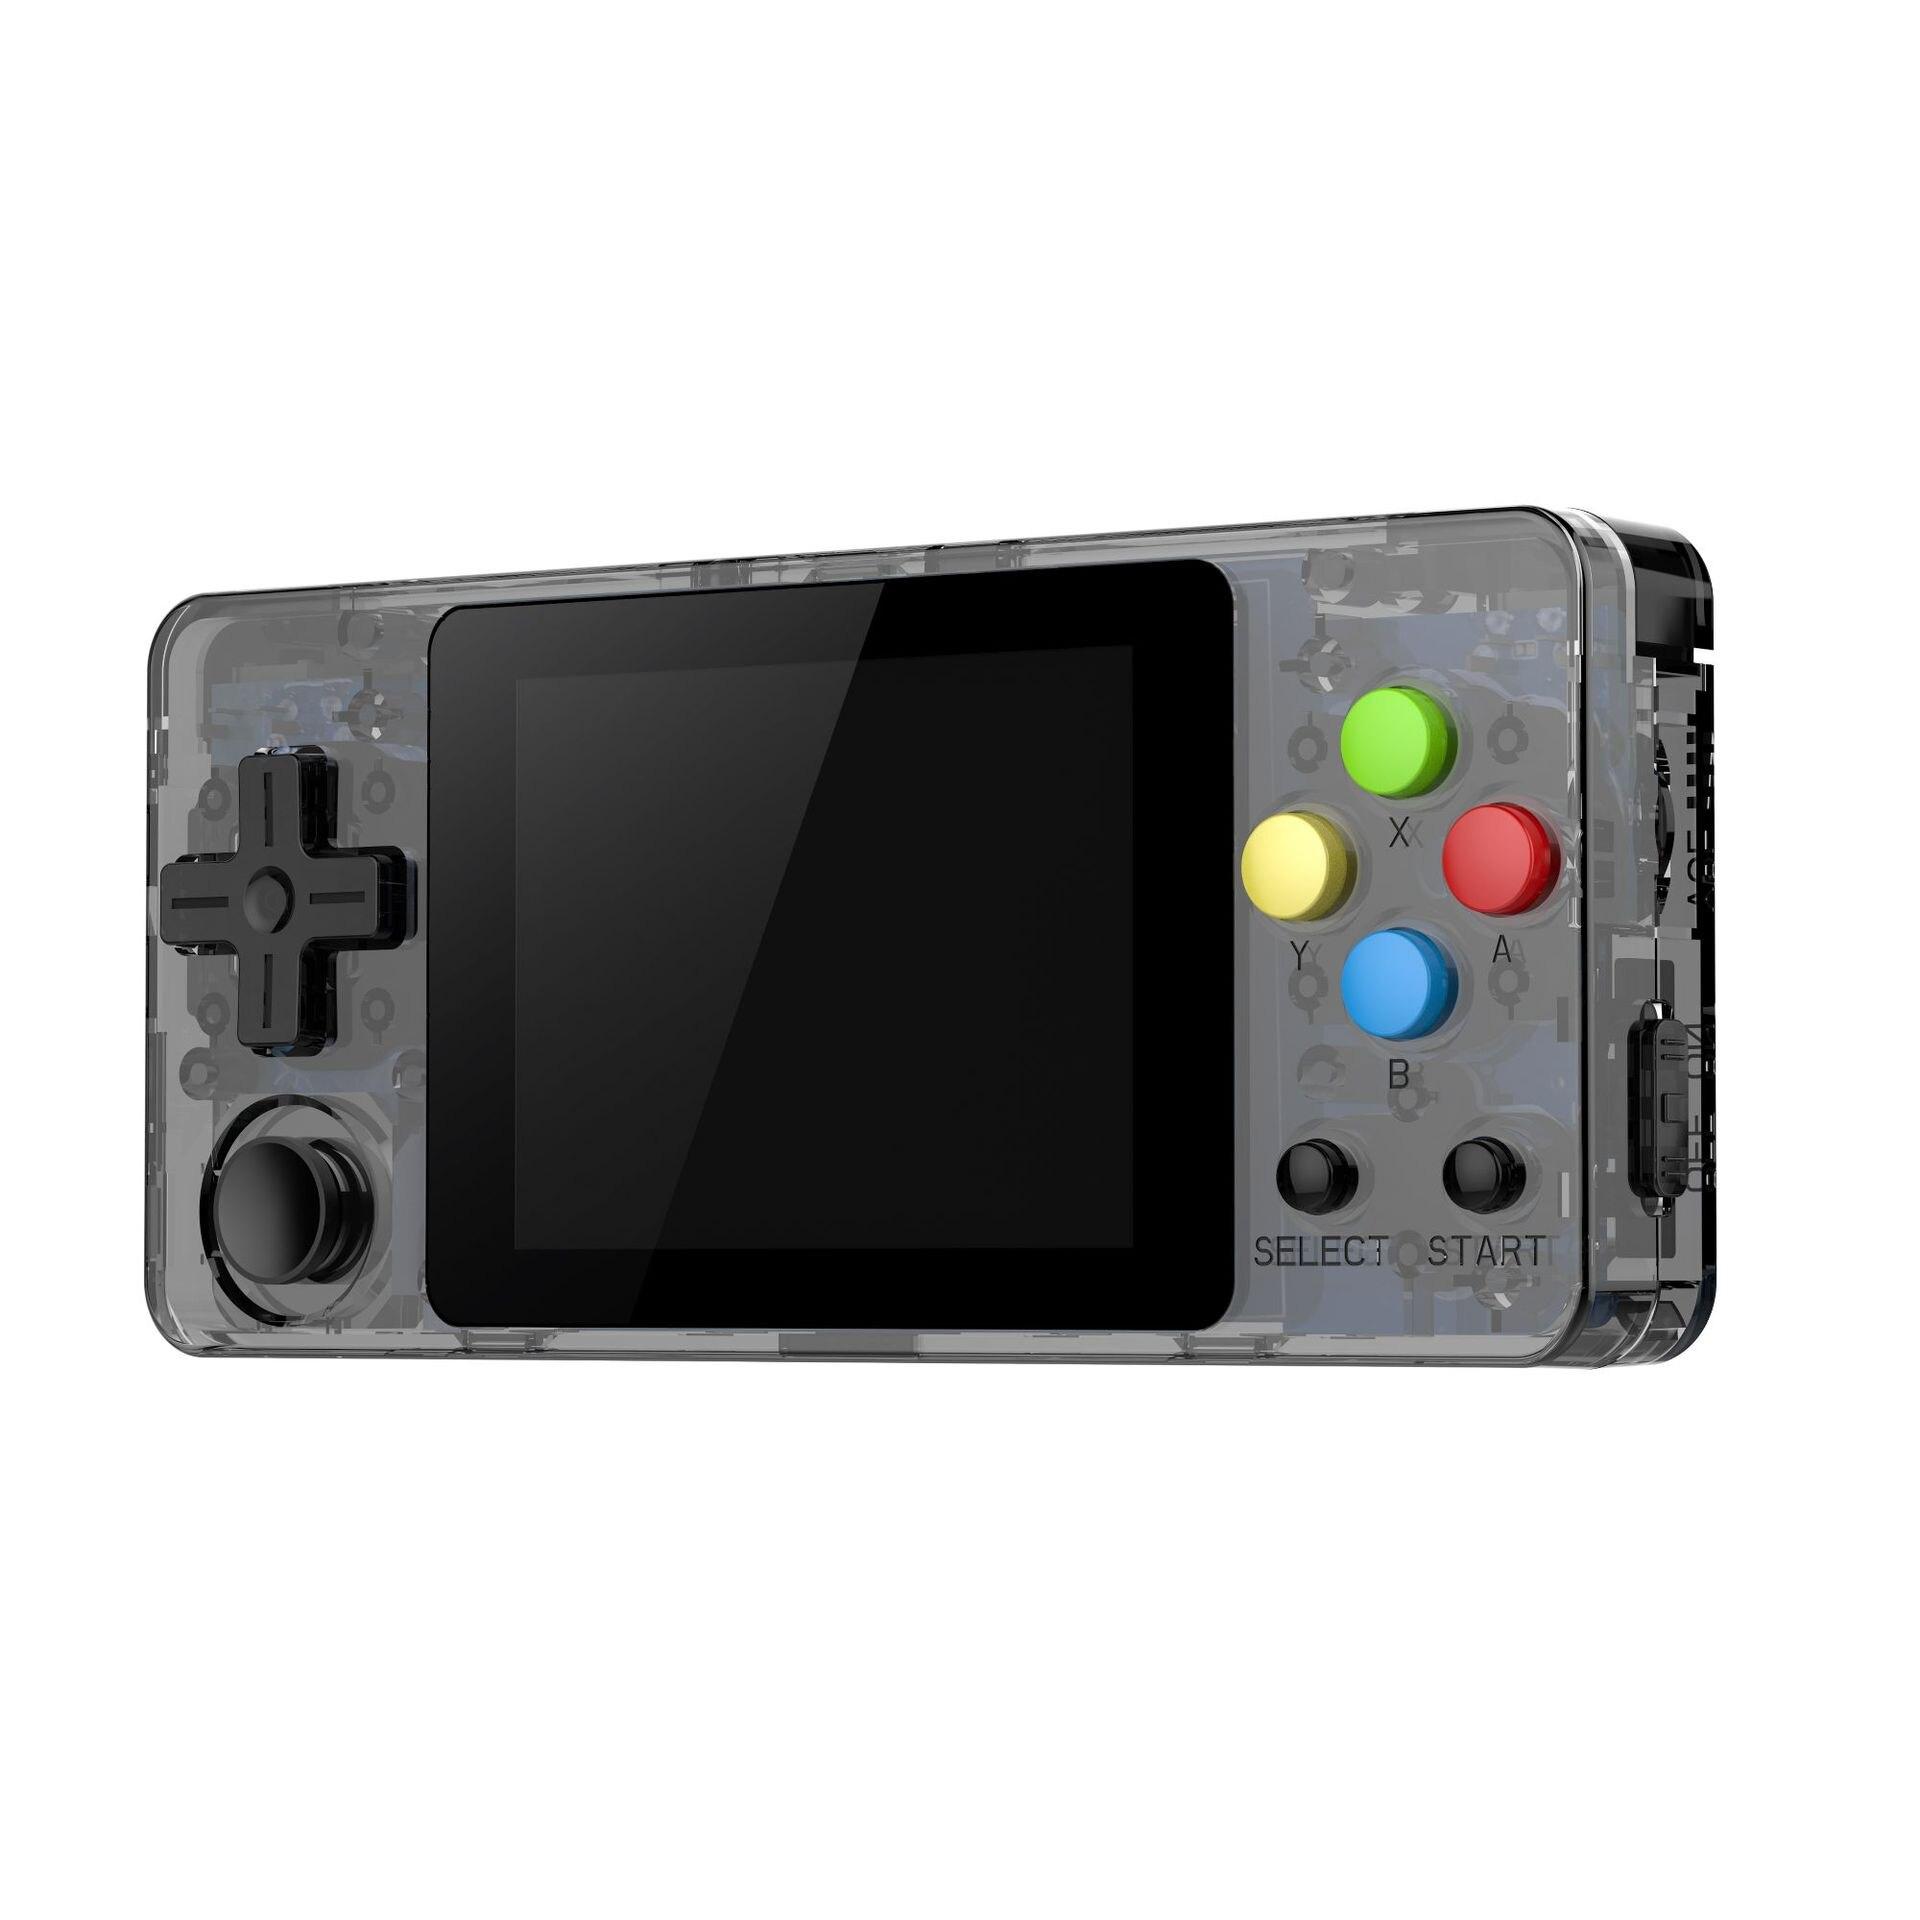 CoolbabyOPEN SOURCE CONSOLE LDK version horizontale jeu 2.6 pouces écran Mini portable enfants et famille rétro Console de jeux